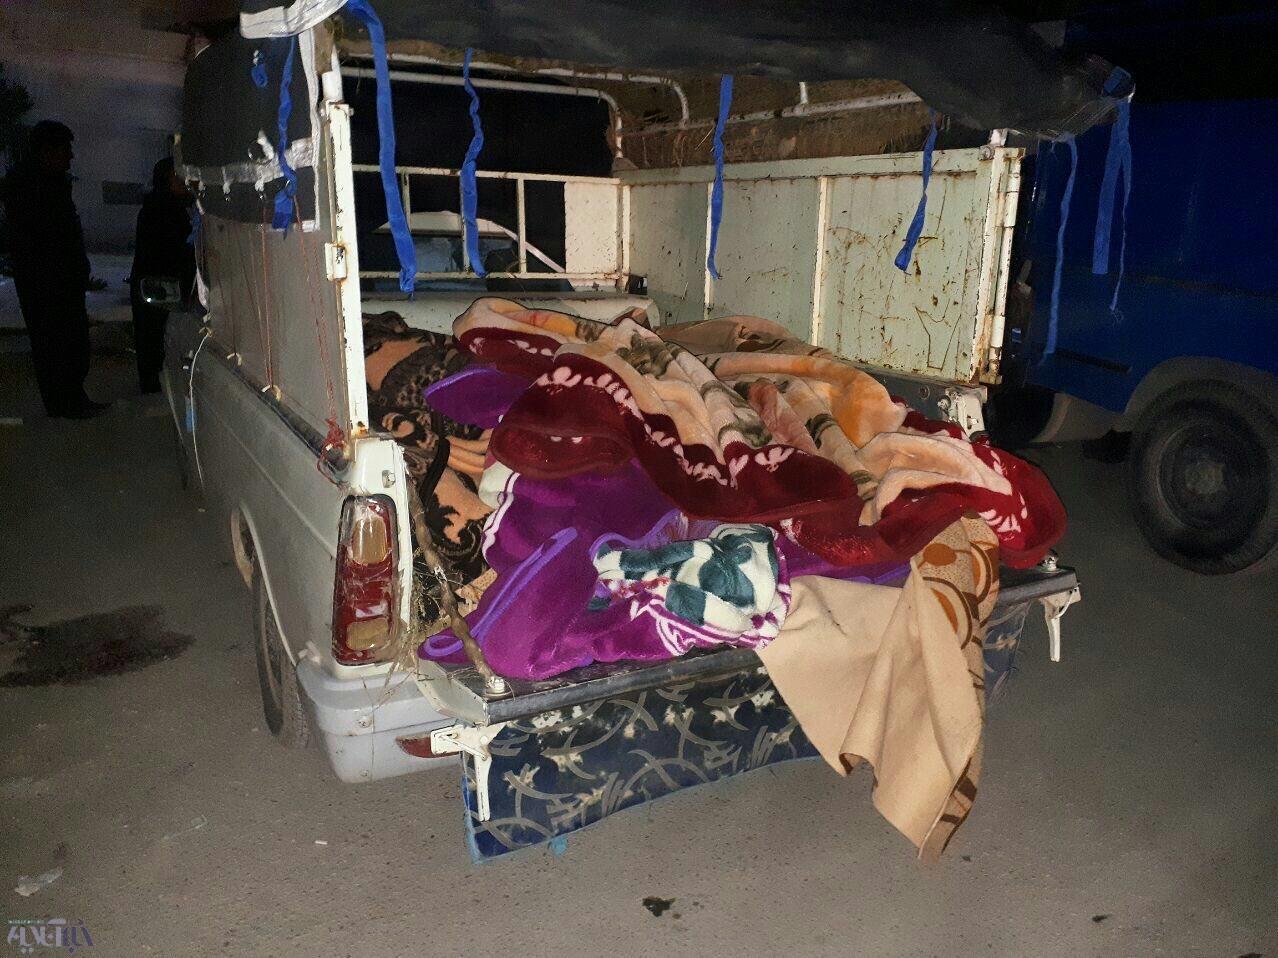 تصویری دلخراش از قربانیان زلزله ۷.۳ ریشتری شب گذشته در قصرشیرین